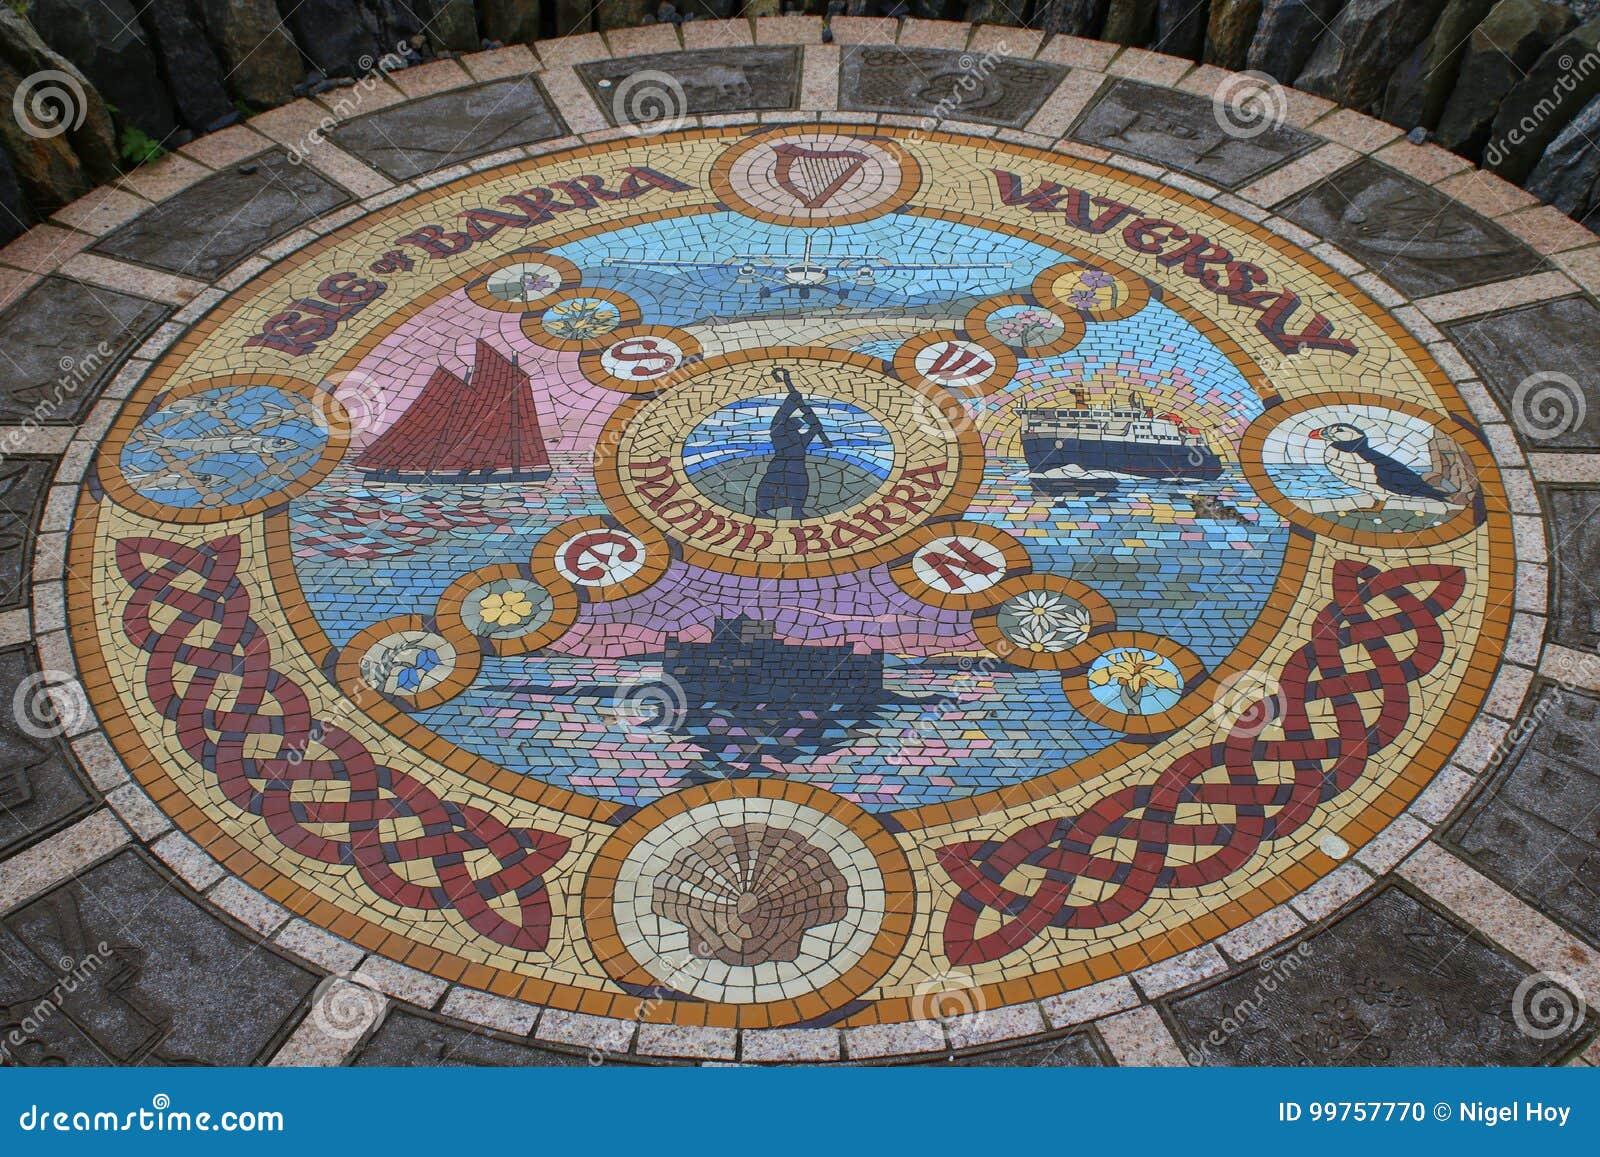 Mosaico decorativo del suelo de baldosas